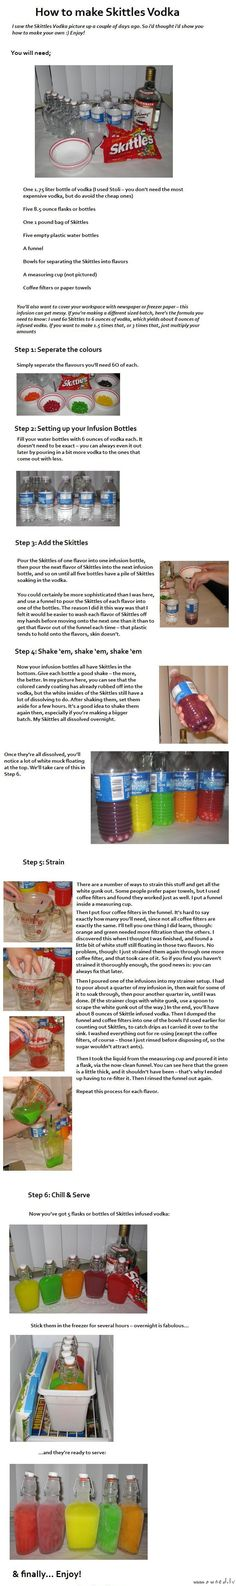 Tutorial on Skittles Vodka